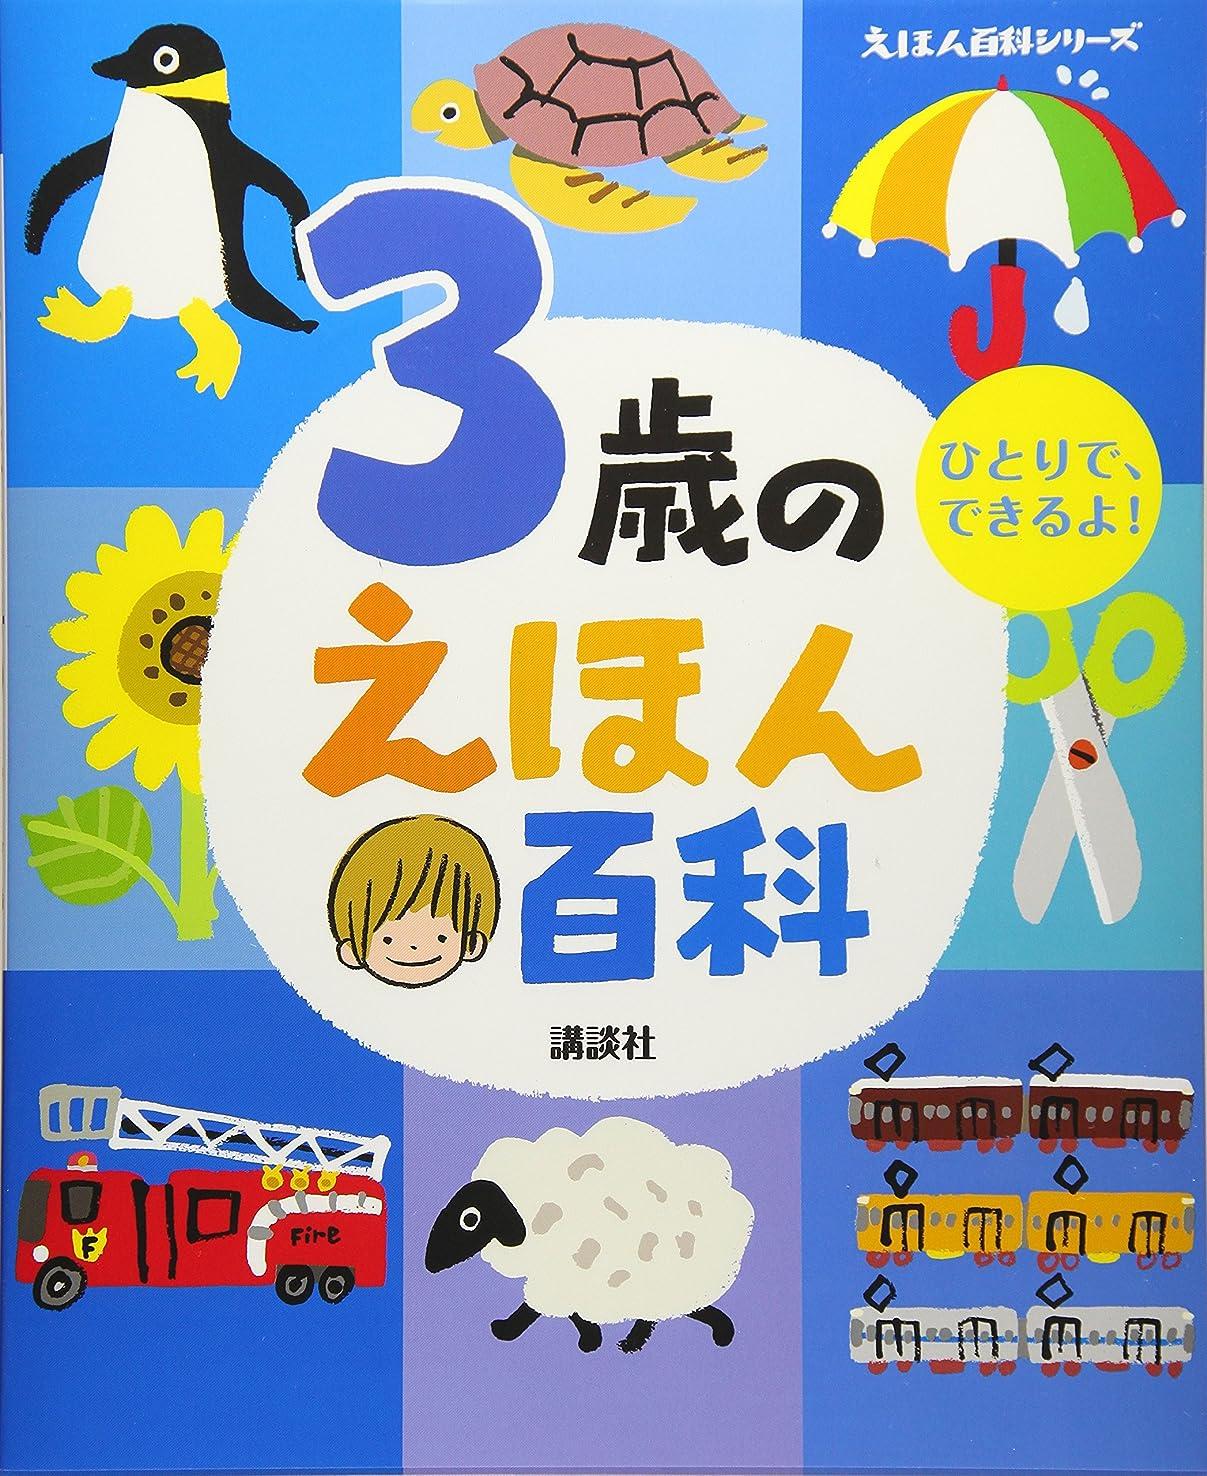 半円フリース宇宙3歳のえほん百科 (えほん百科シリーズ)